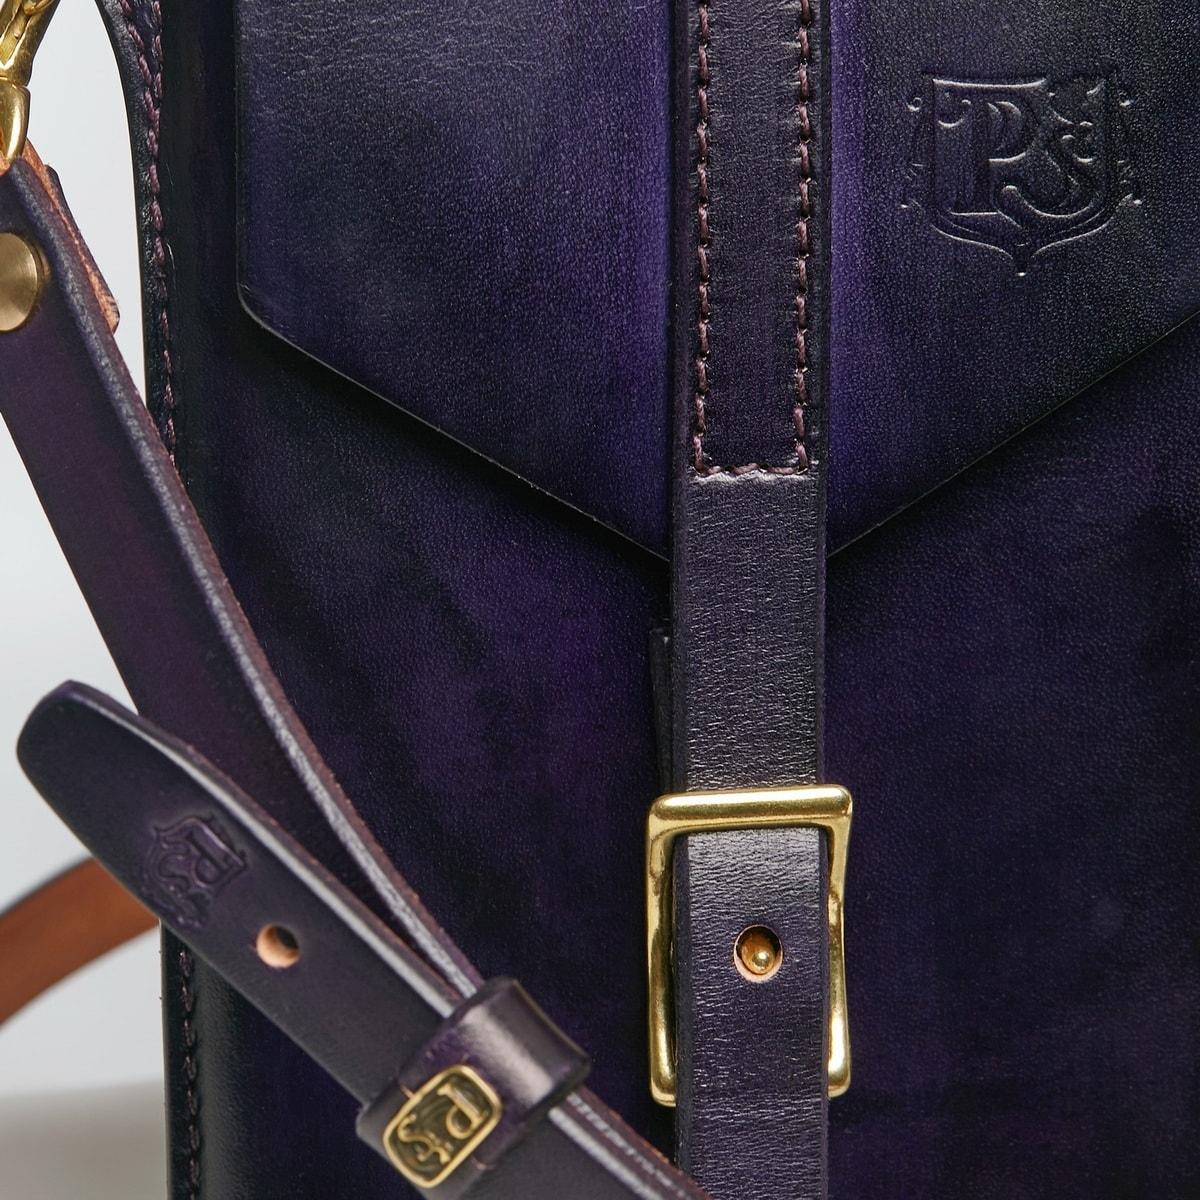 Travel case FIJI violet ink